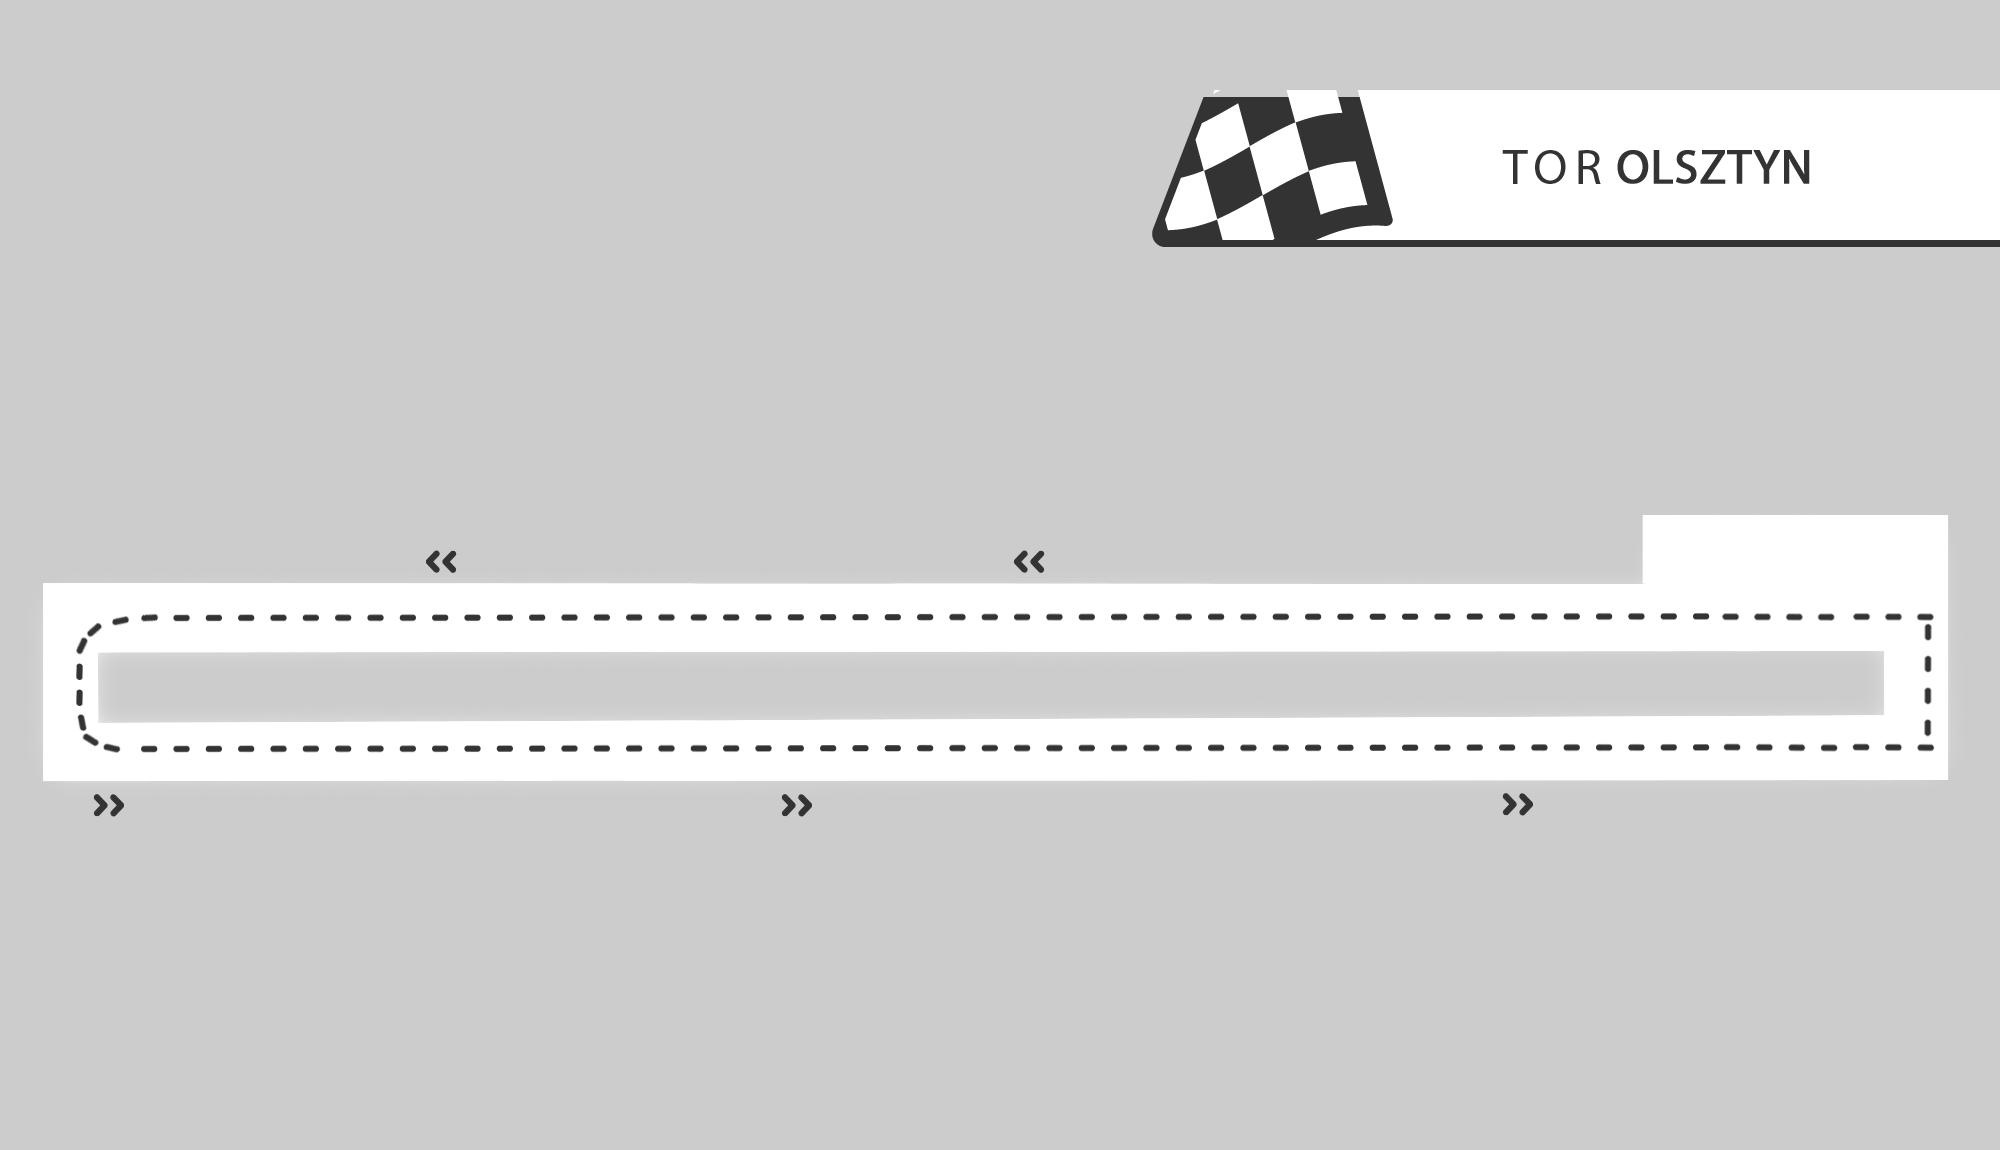 Dlaczego warto wybrać się na tor wyścigowy Olsztyn?